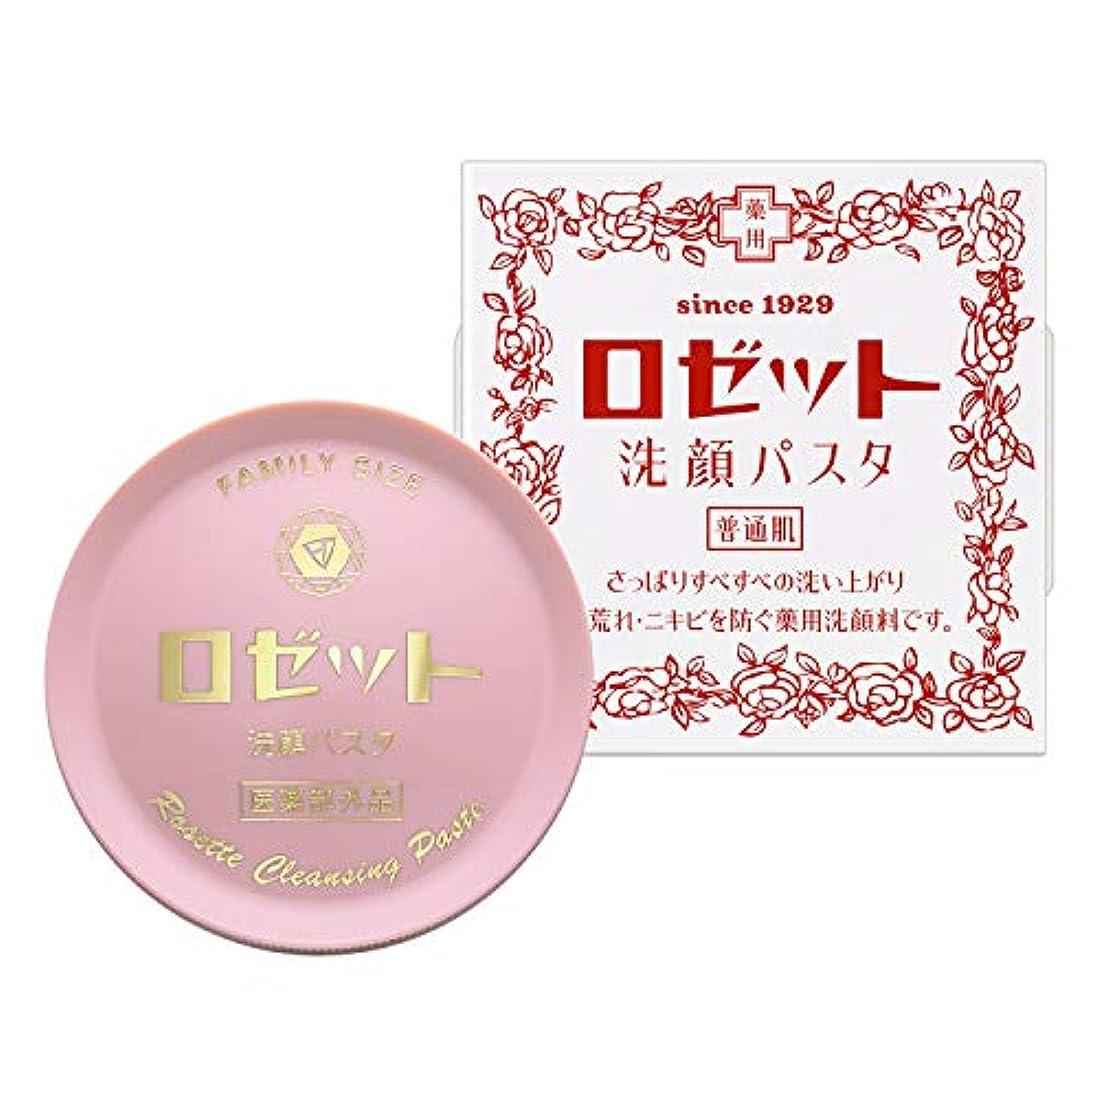 ペイン怖がらせる排他的ロゼット 洗顔パスタ 普通肌 90g (医薬部外品)